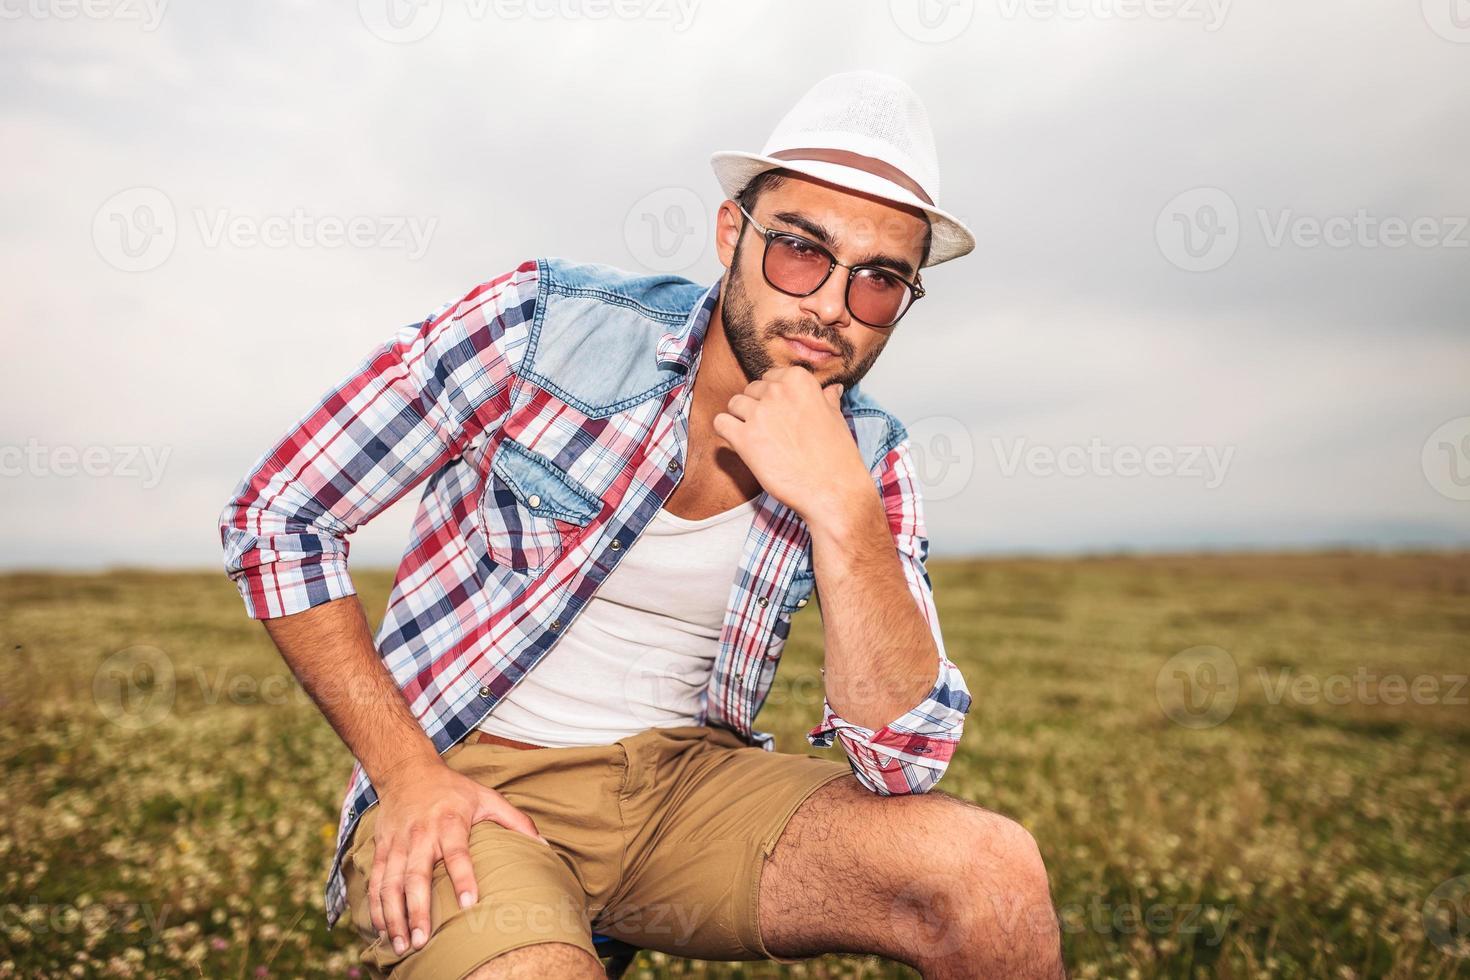 l'uomo con il cappello sta pensando mentre era seduto su una sedia foto